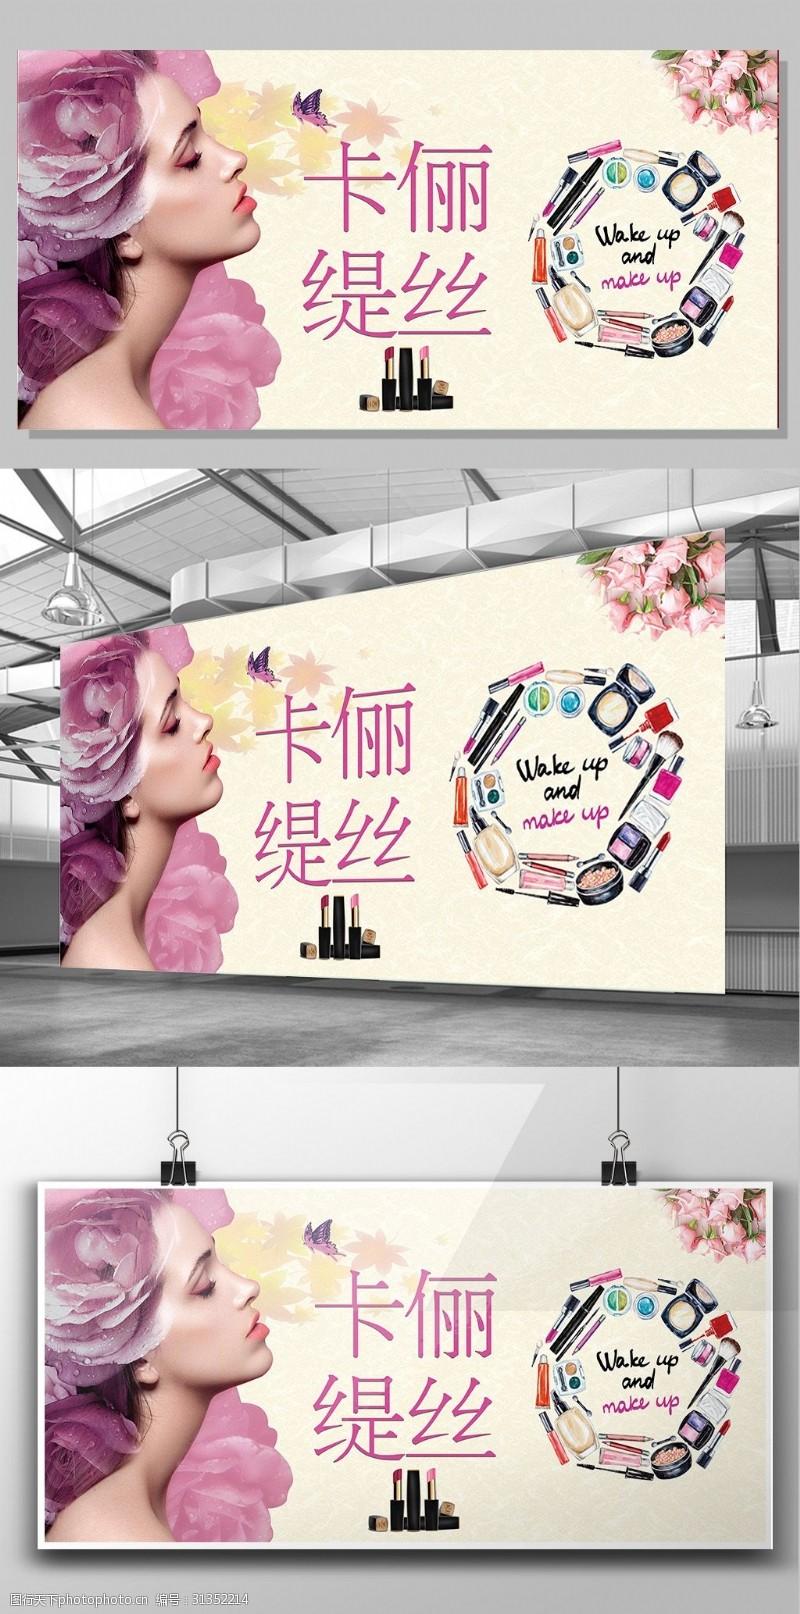 浓妆唯美彩妆宣传展板